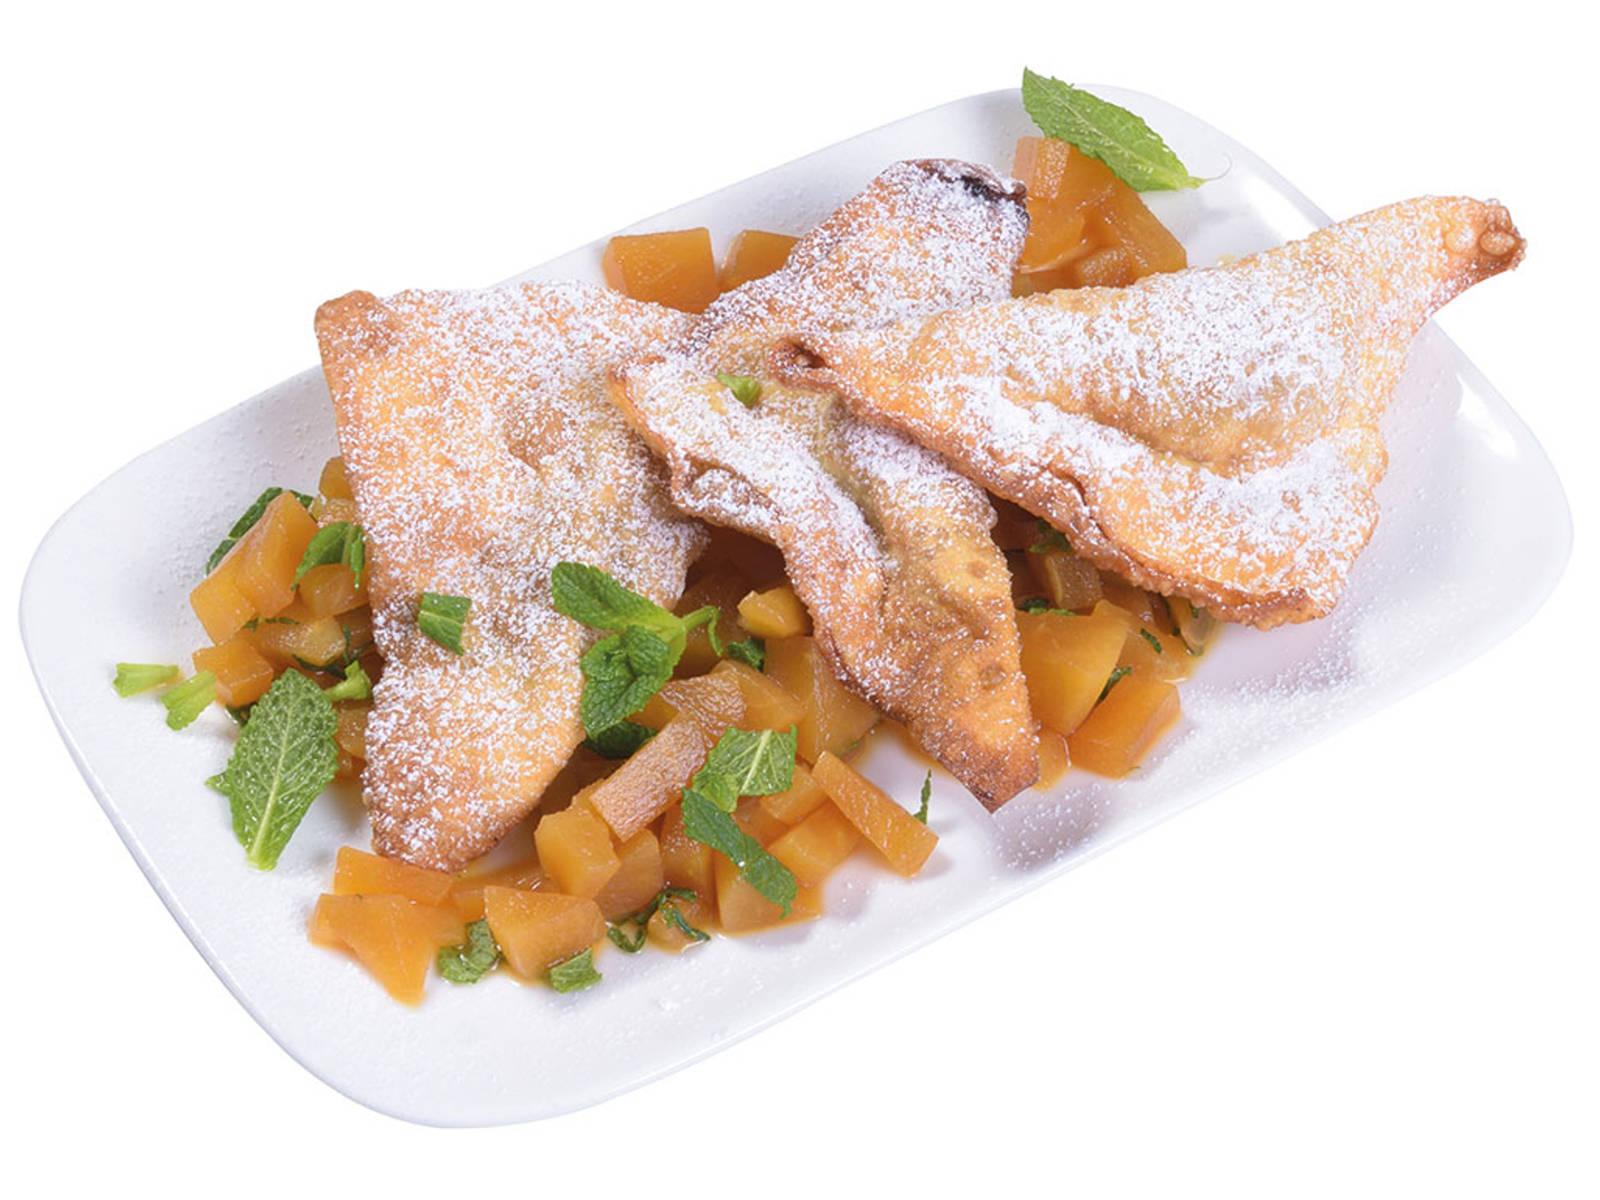 Ein ganz besonderes Dessert: gebackene Wantan gefüllt mit Birnenkompott